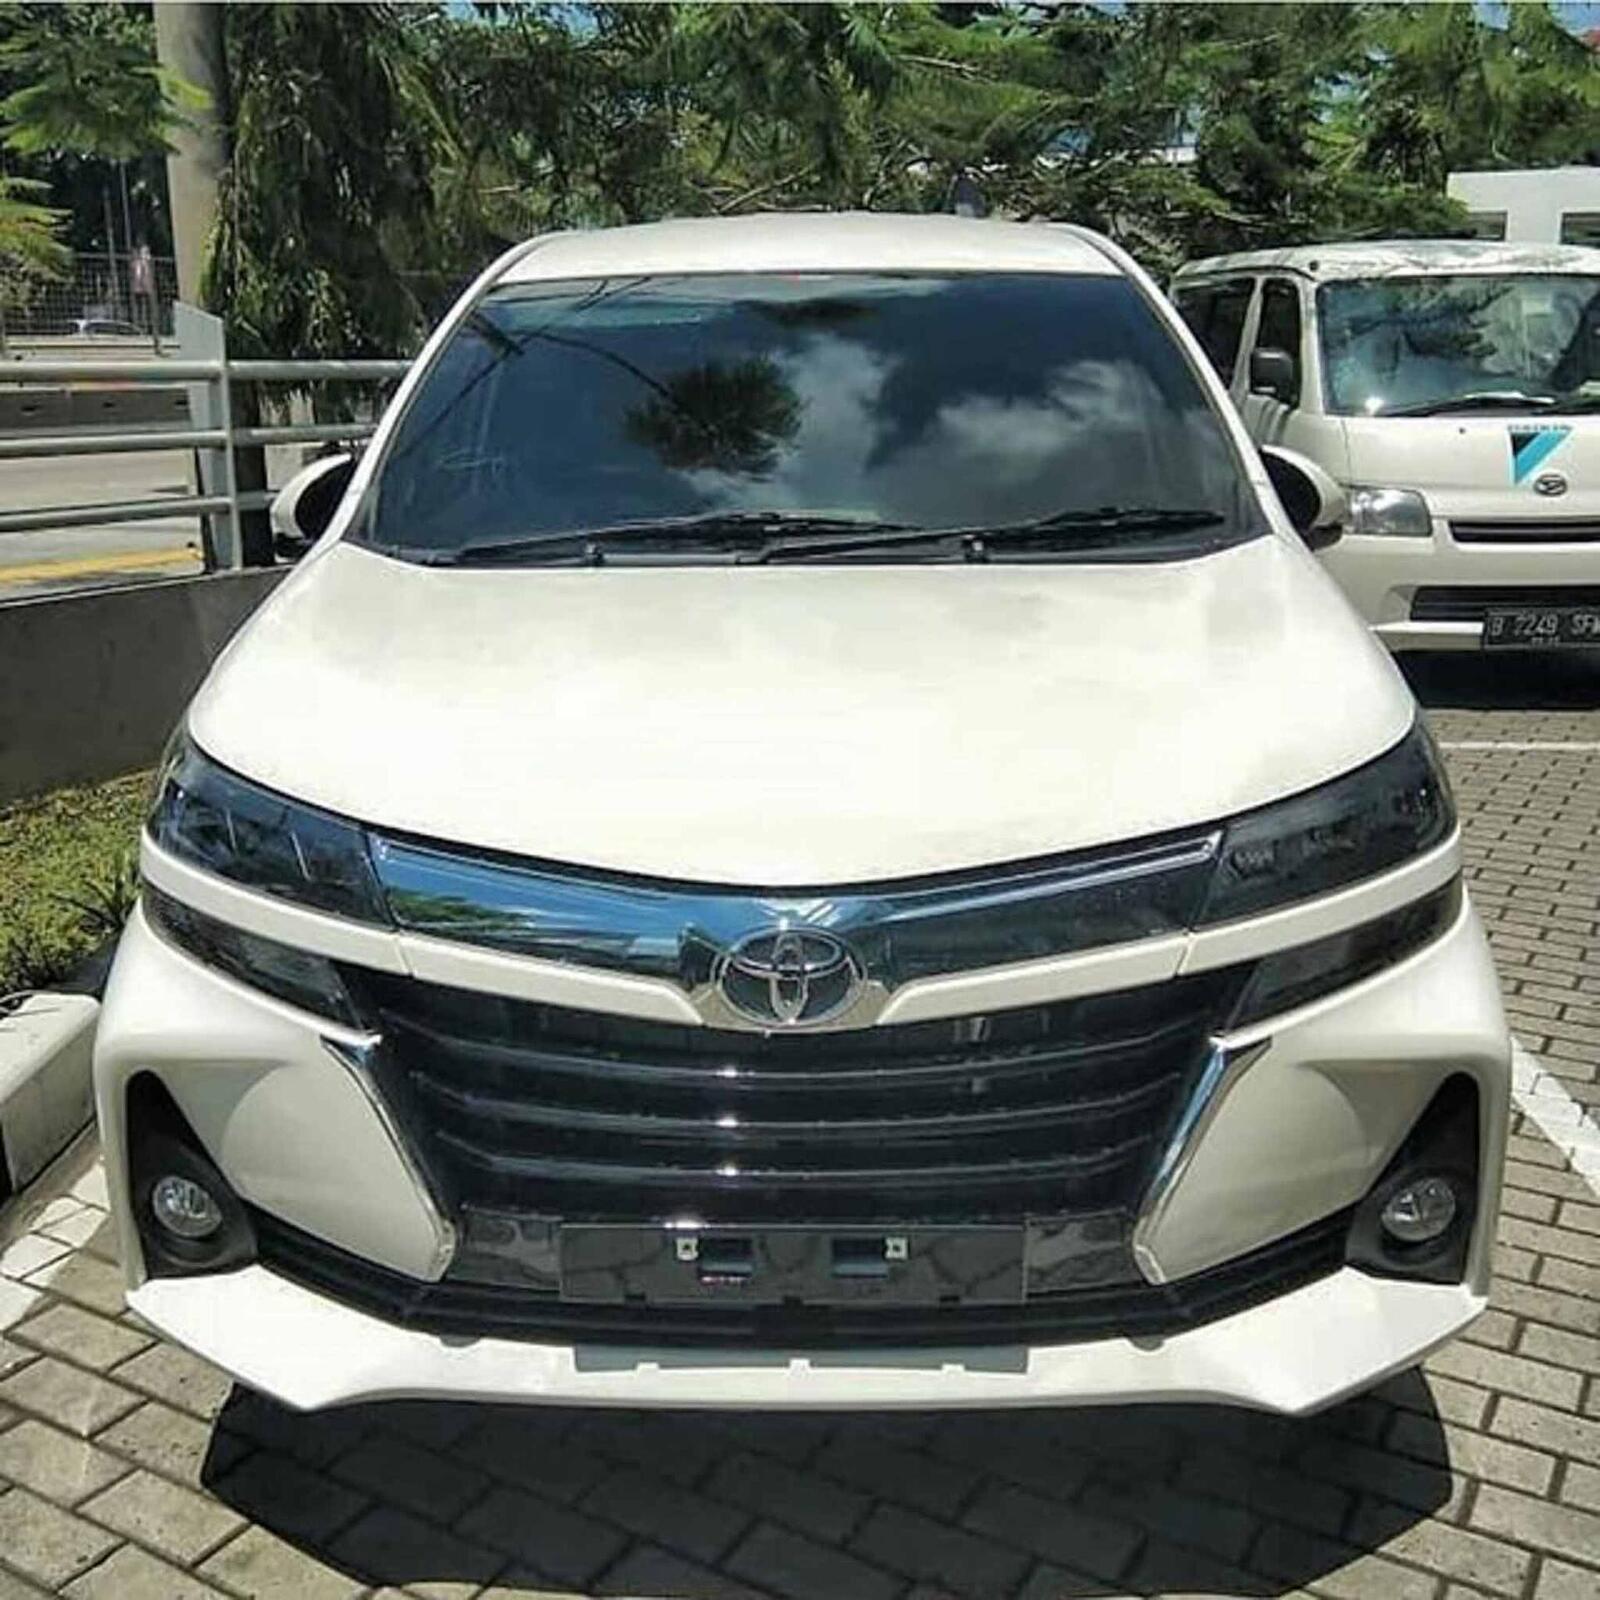 Lộ diện Toyota Avanza 2019 phiên bản nâng cấp Facelift mới với thiết kế đẹp phiên bản cũ - Hình 2